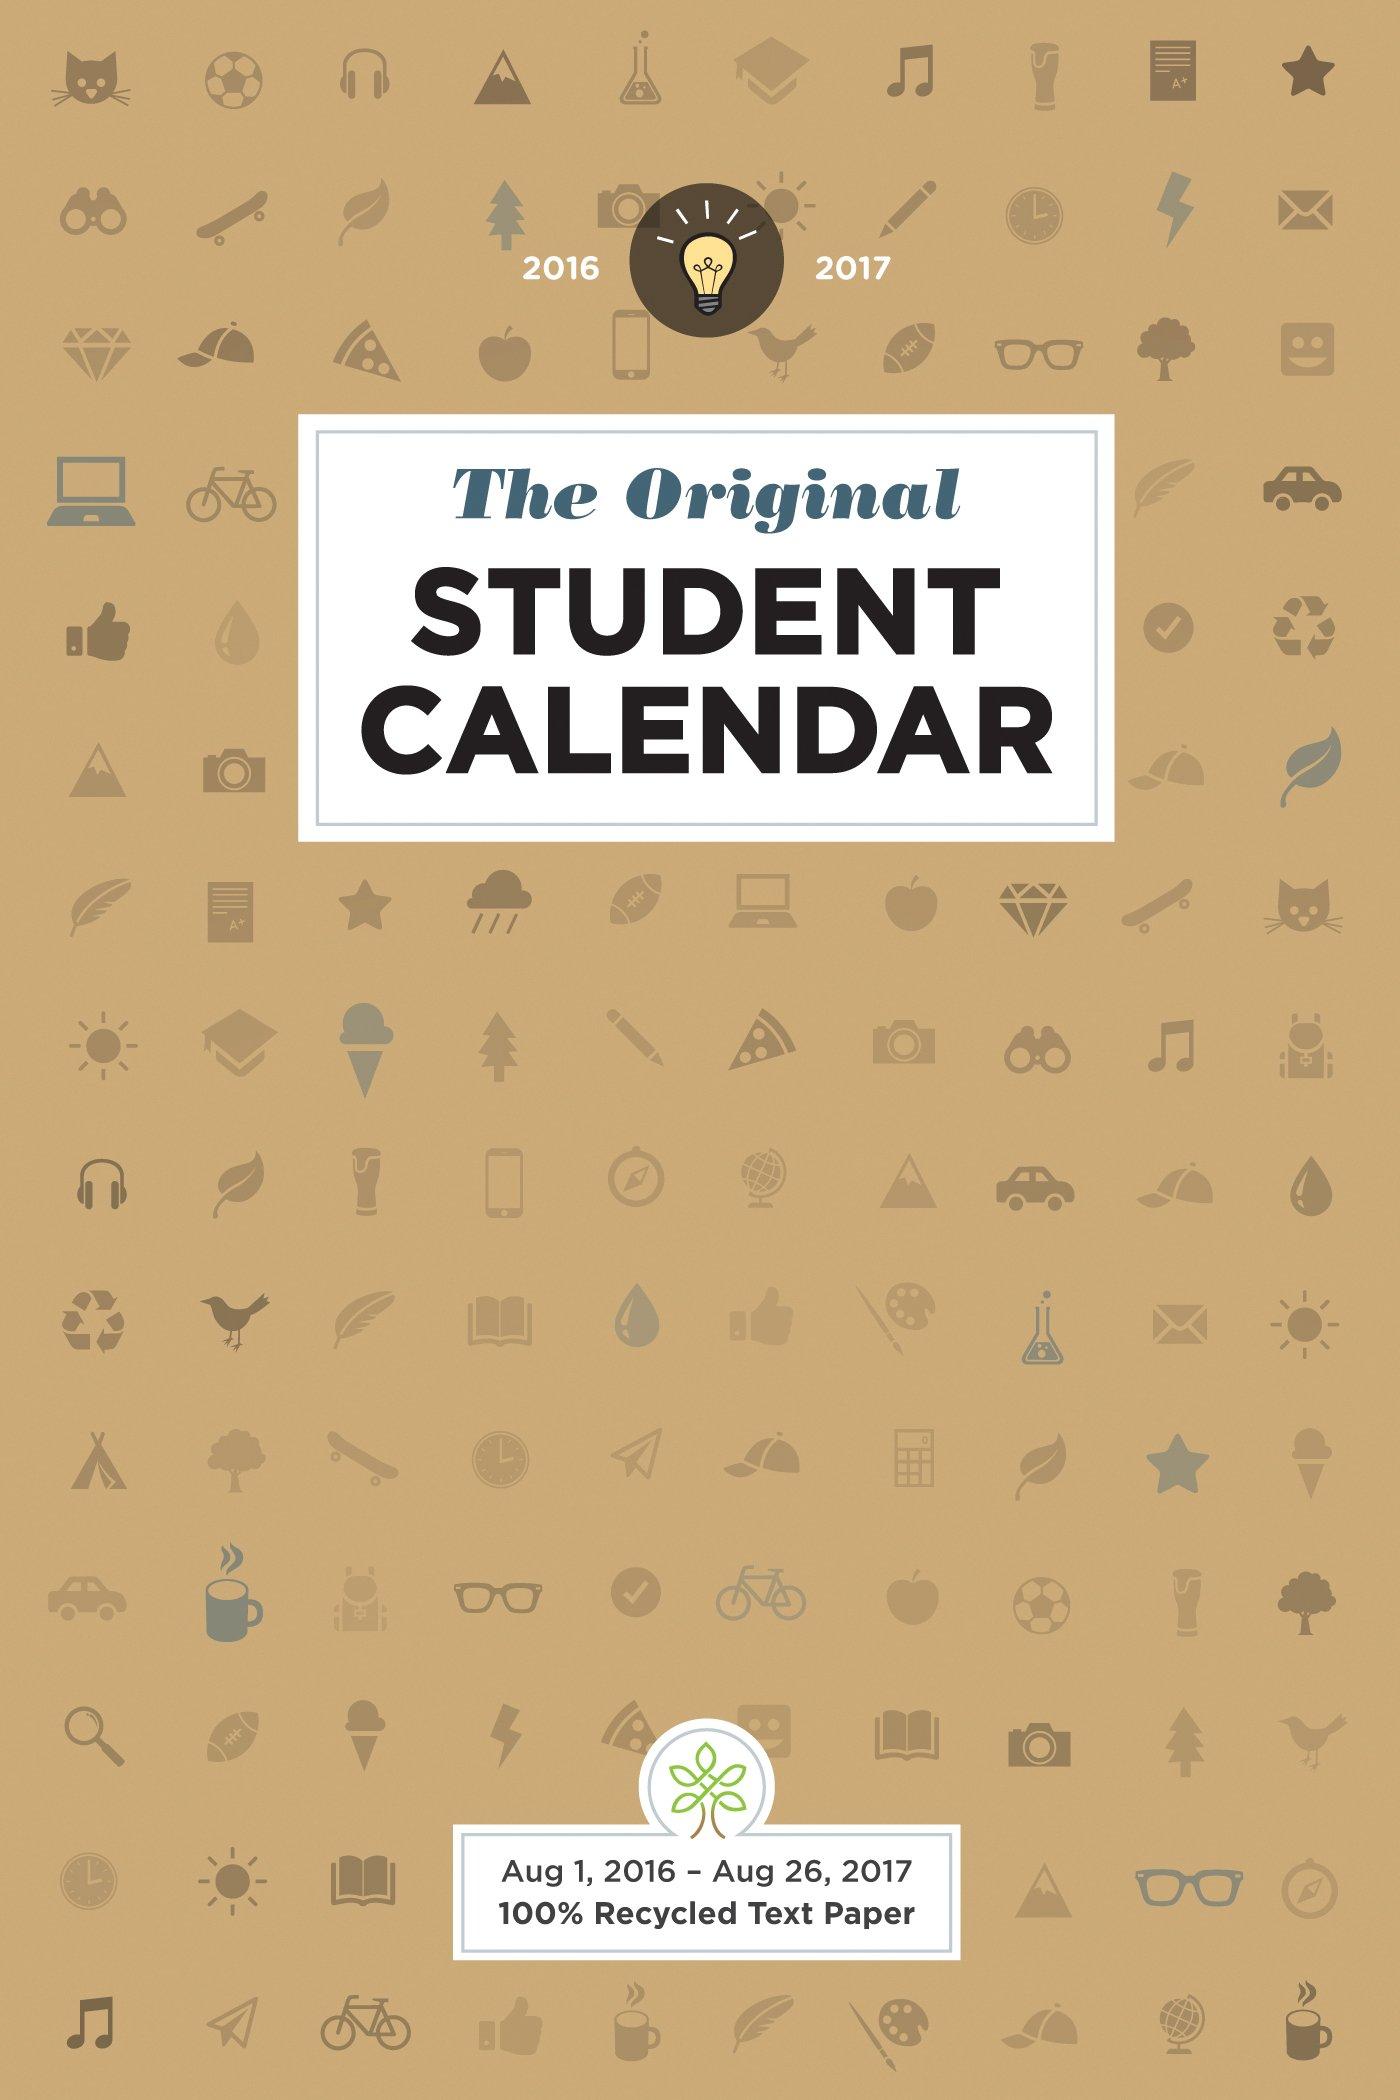 amazon com the original student calendar 2016 2017 9781551860992